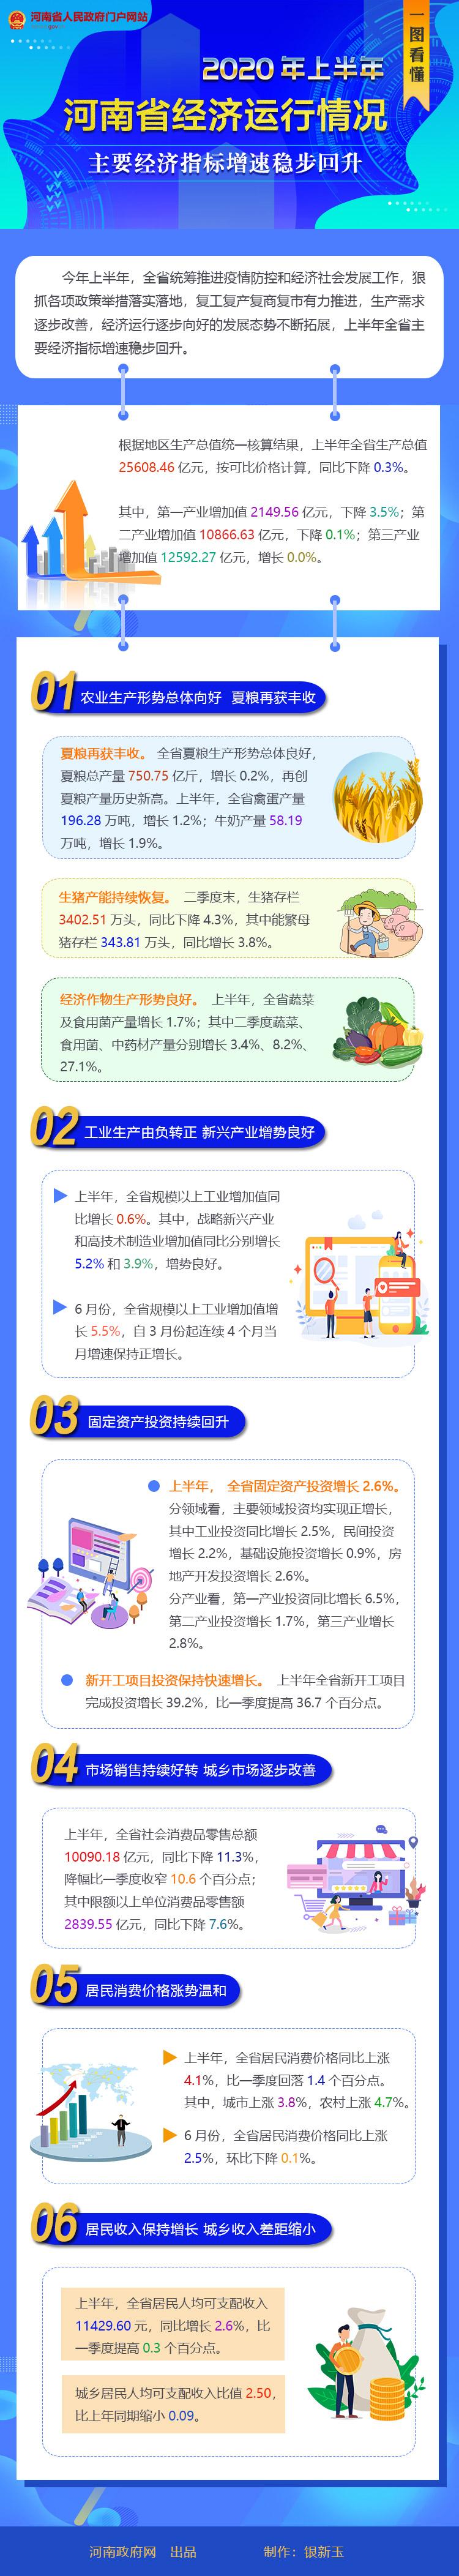 一图看懂 | 2020年上半年河南省经济运行情况